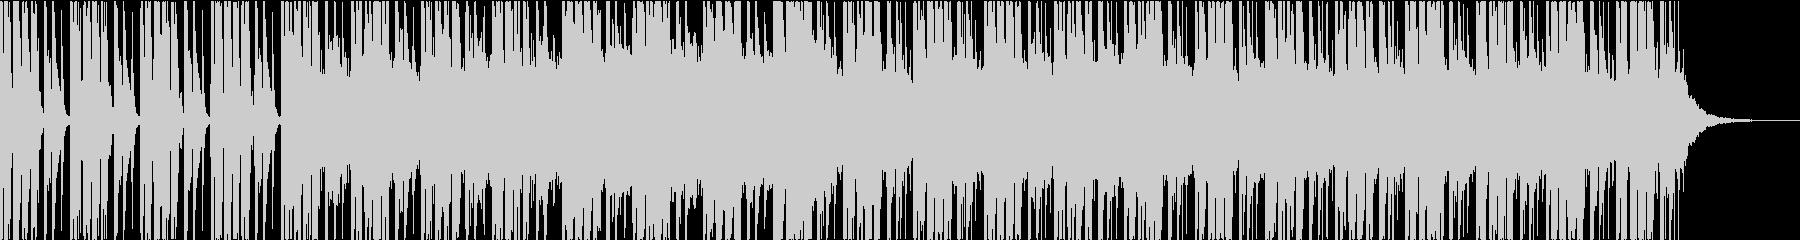 ダークホラーの未再生の波形